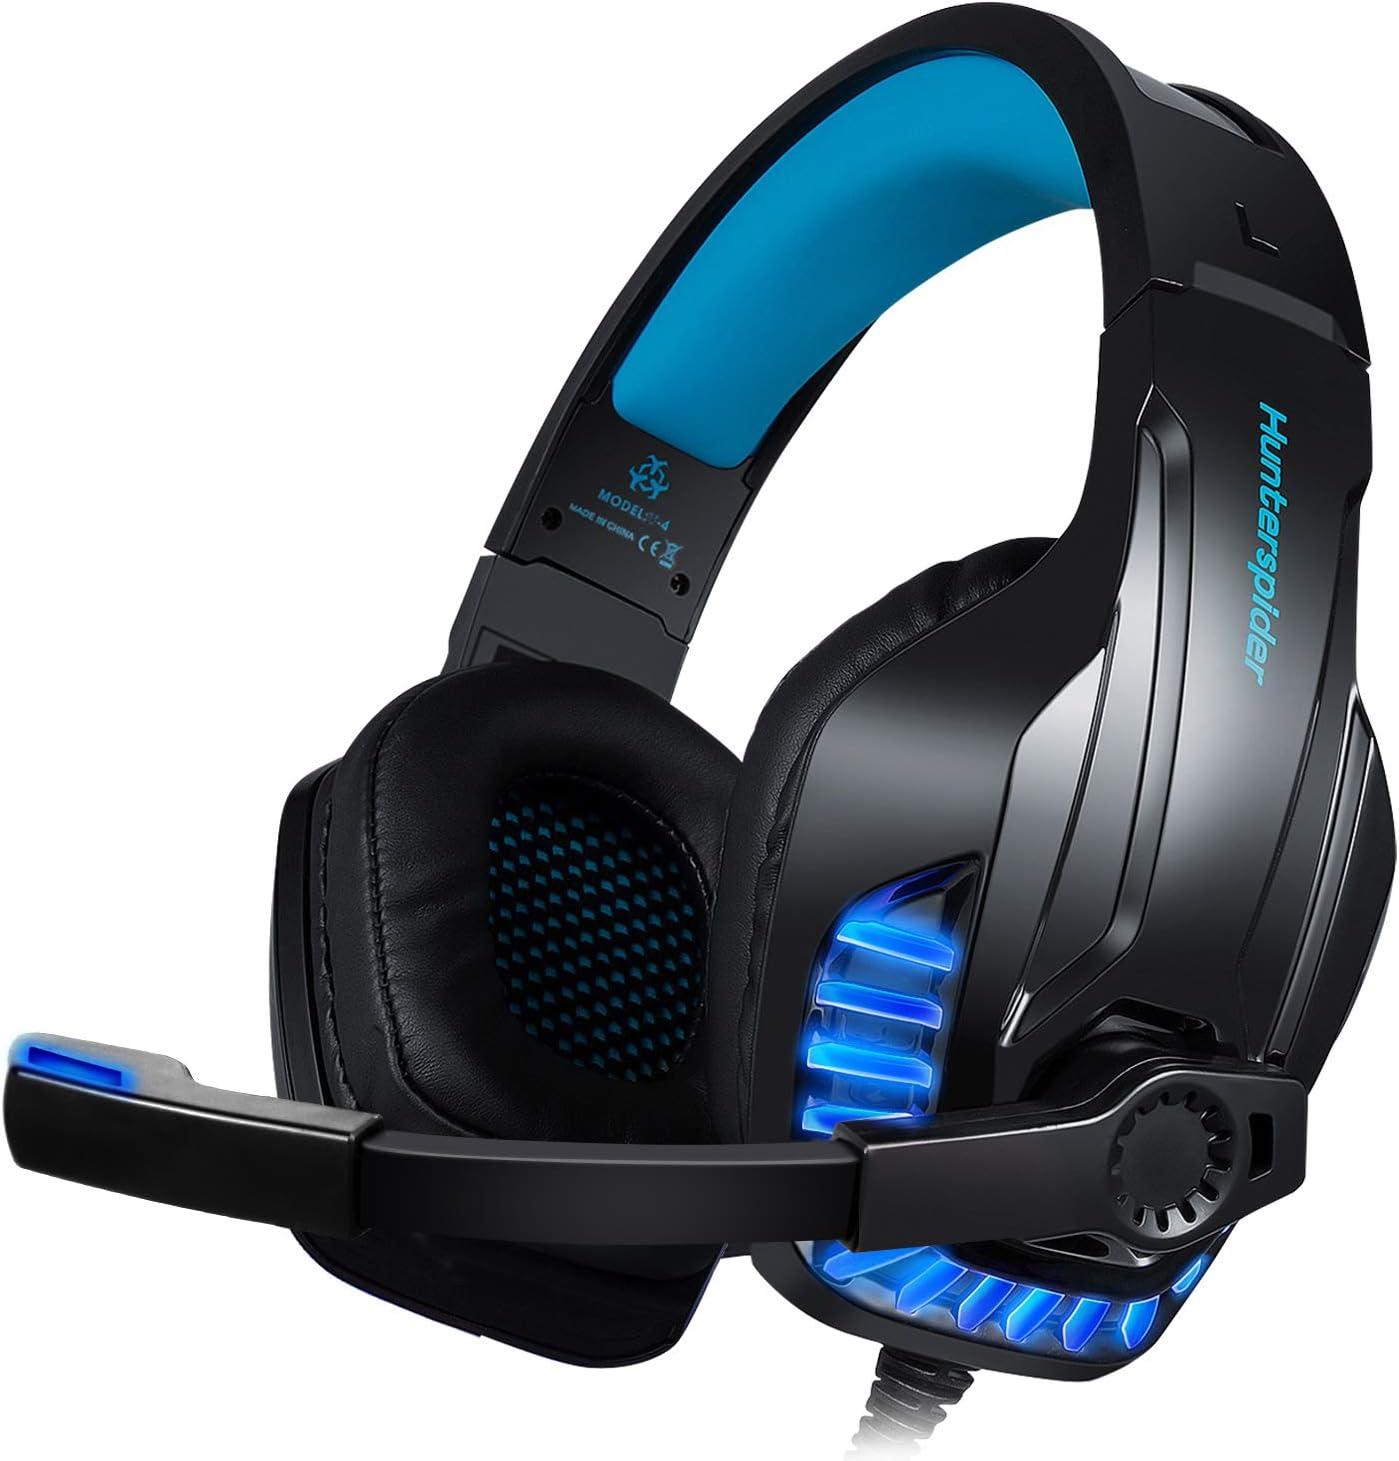 Galopar Auriculares Gaming para PS4, PC, Xbox One, Cascos Ruido Reducción de Diademas Cerrados Profesional con Micrófono Limpio Sonido 3.5mm - Azul